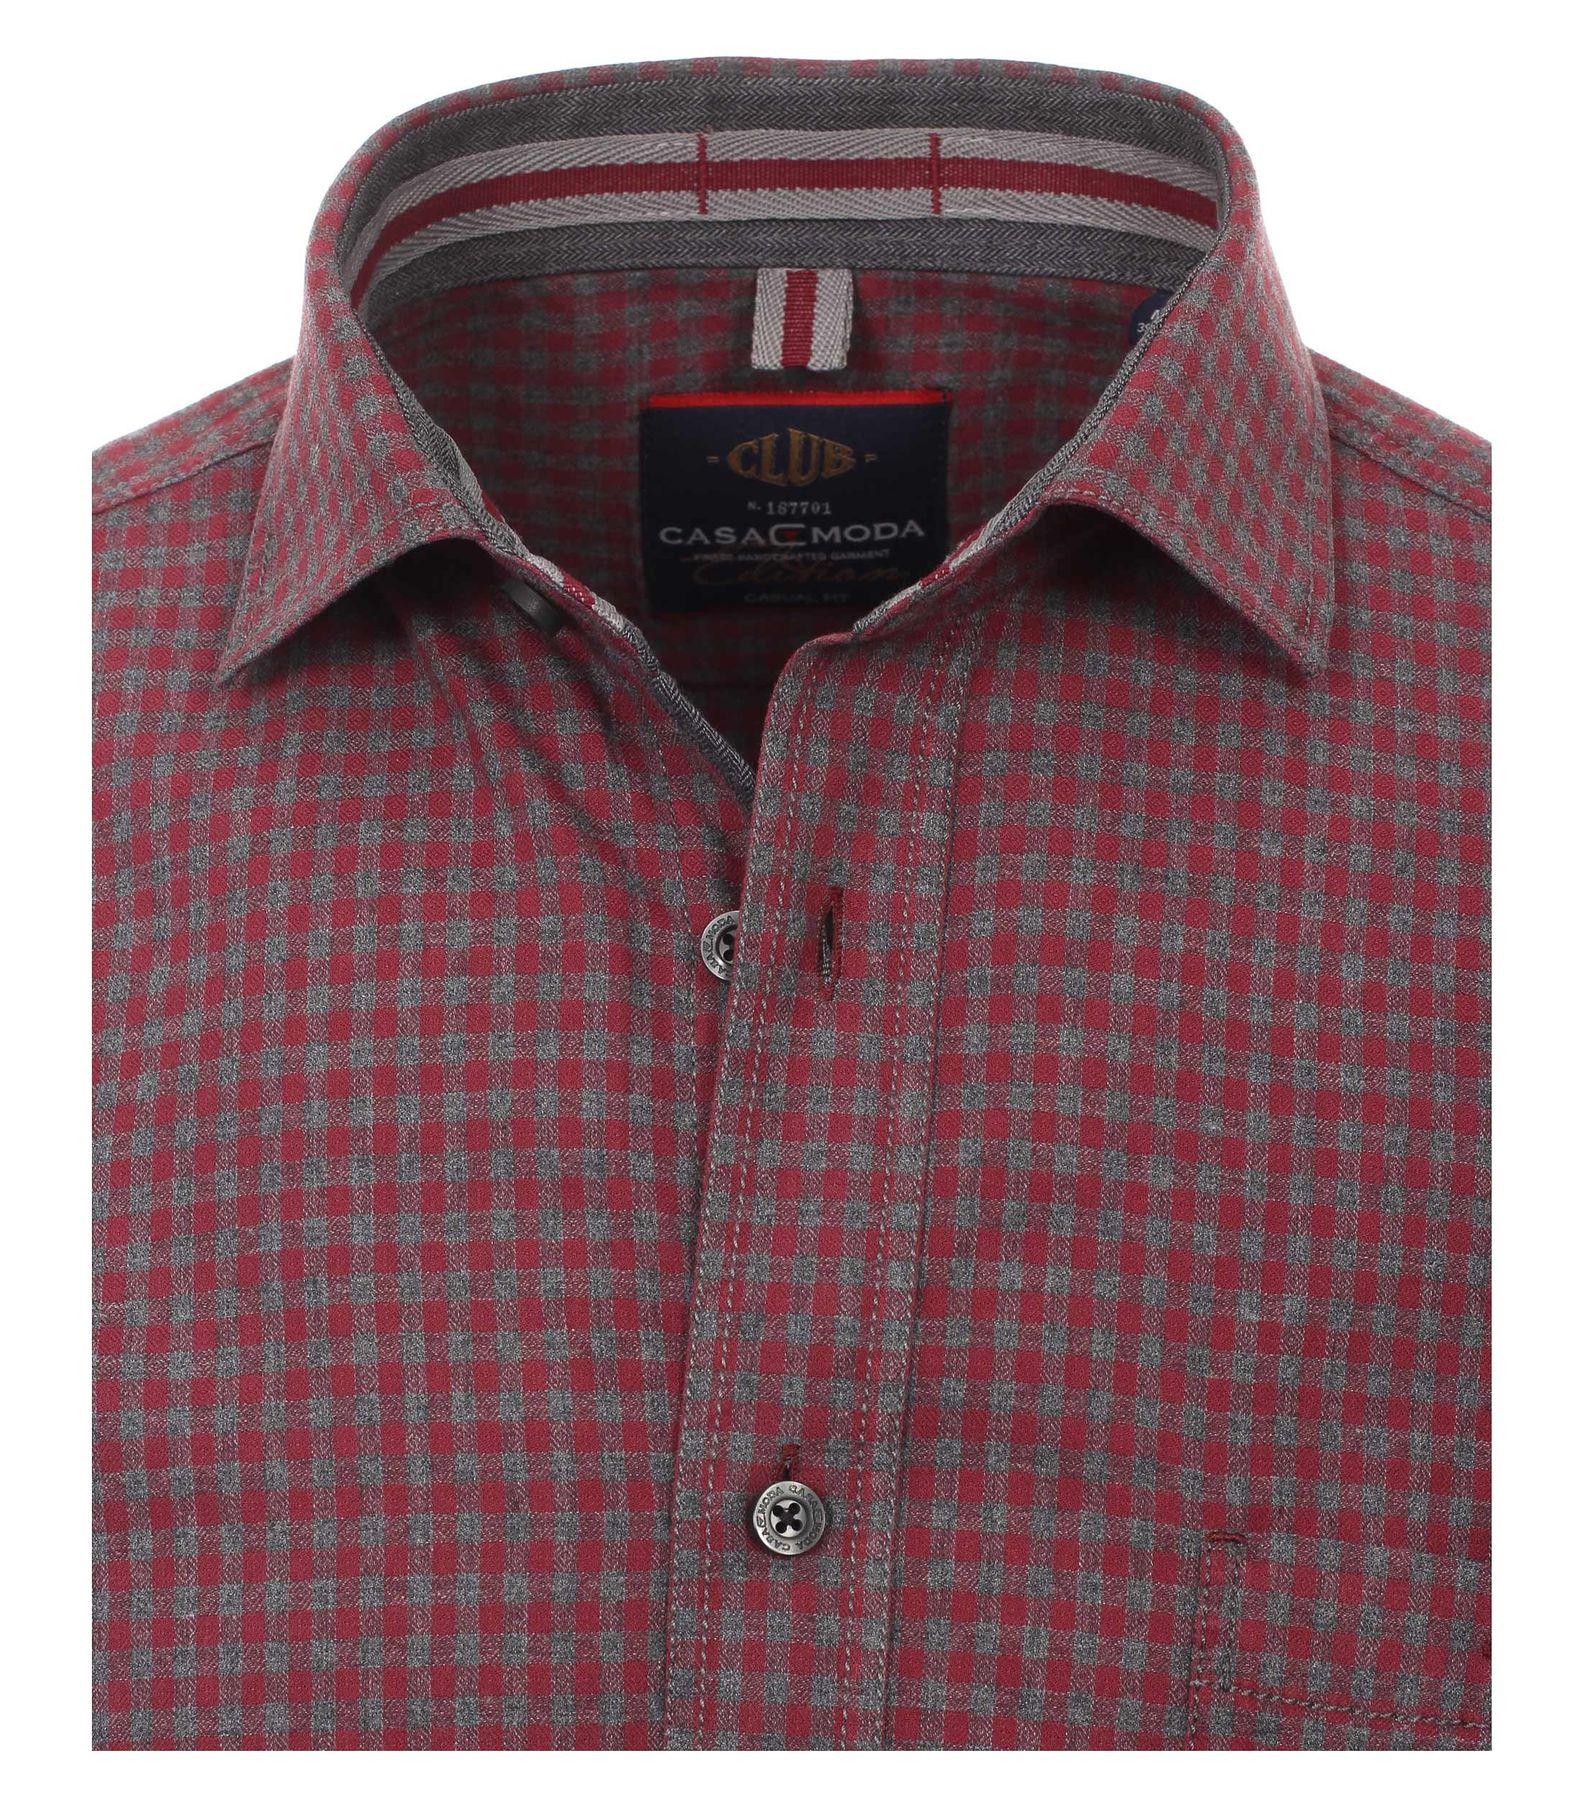 Casa Moda - Casual Fit - Herren langarm Hemd mit Kent Kragen und aus 100% Baumwolle (462554500A) – Bild 3